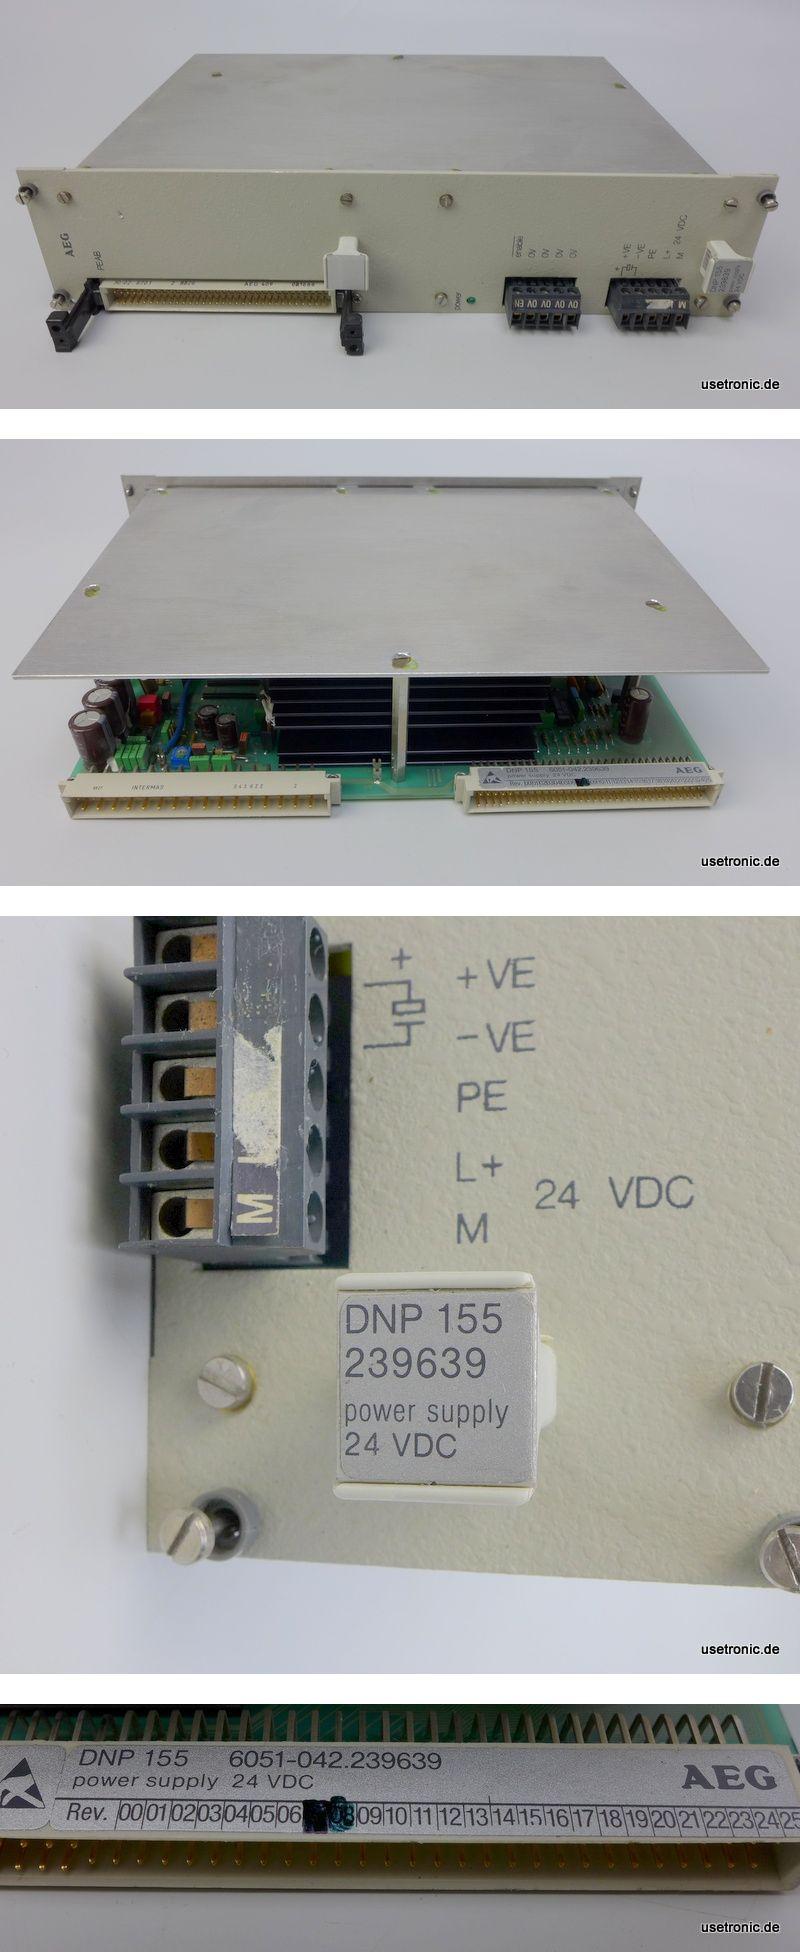 AEG PEAB DNP  DNP 155239639 Power Supply 42 VDC E-8